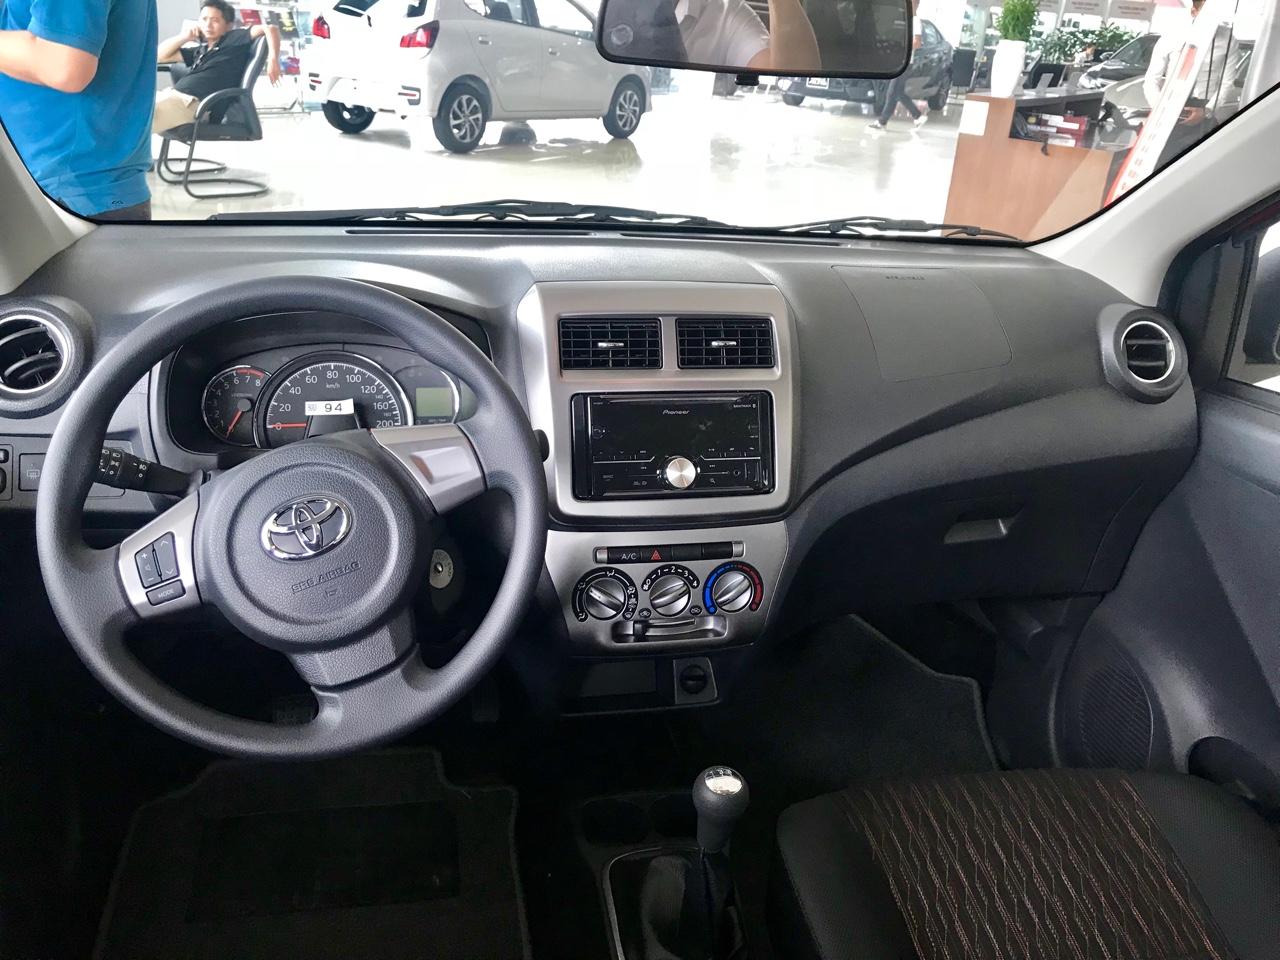 Toyota Wigo 1.2 MT Mẫu xe thành thị sang trọng giá hời đã có mặt tại VN ảnh 18 - Wigo 1.2MT [hienthinam] (số sàn): giá xe và khuyến mãi mới